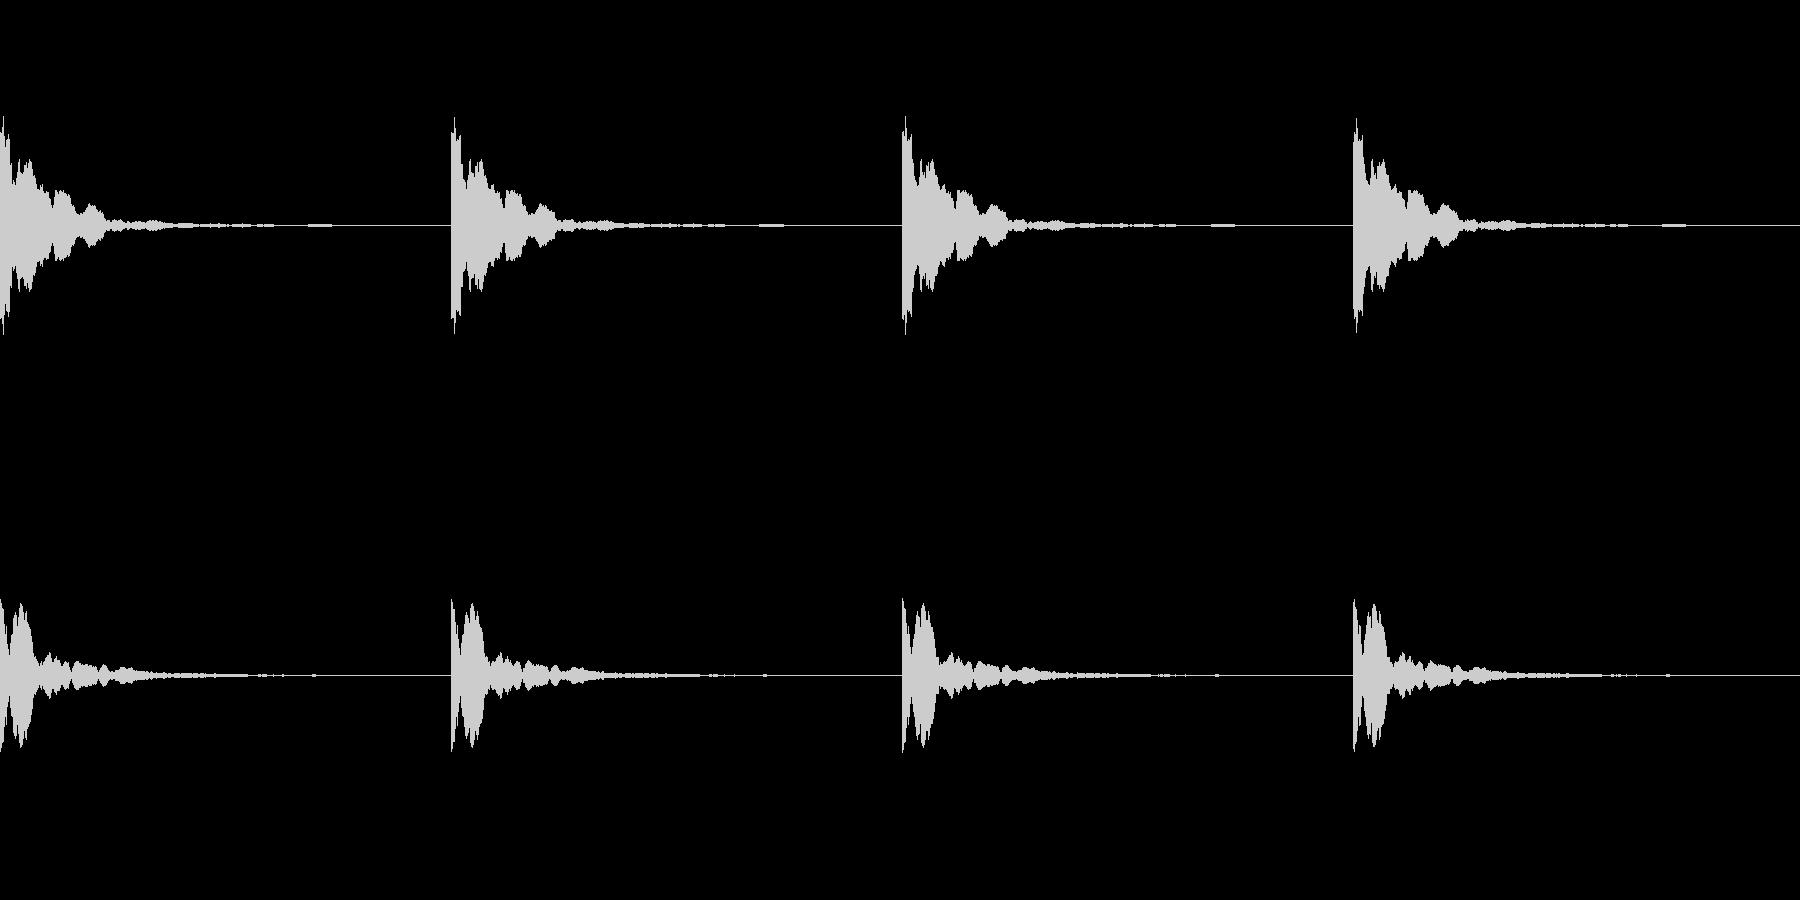 ポーン:ソナーのレーダー音(ループ可)の未再生の波形